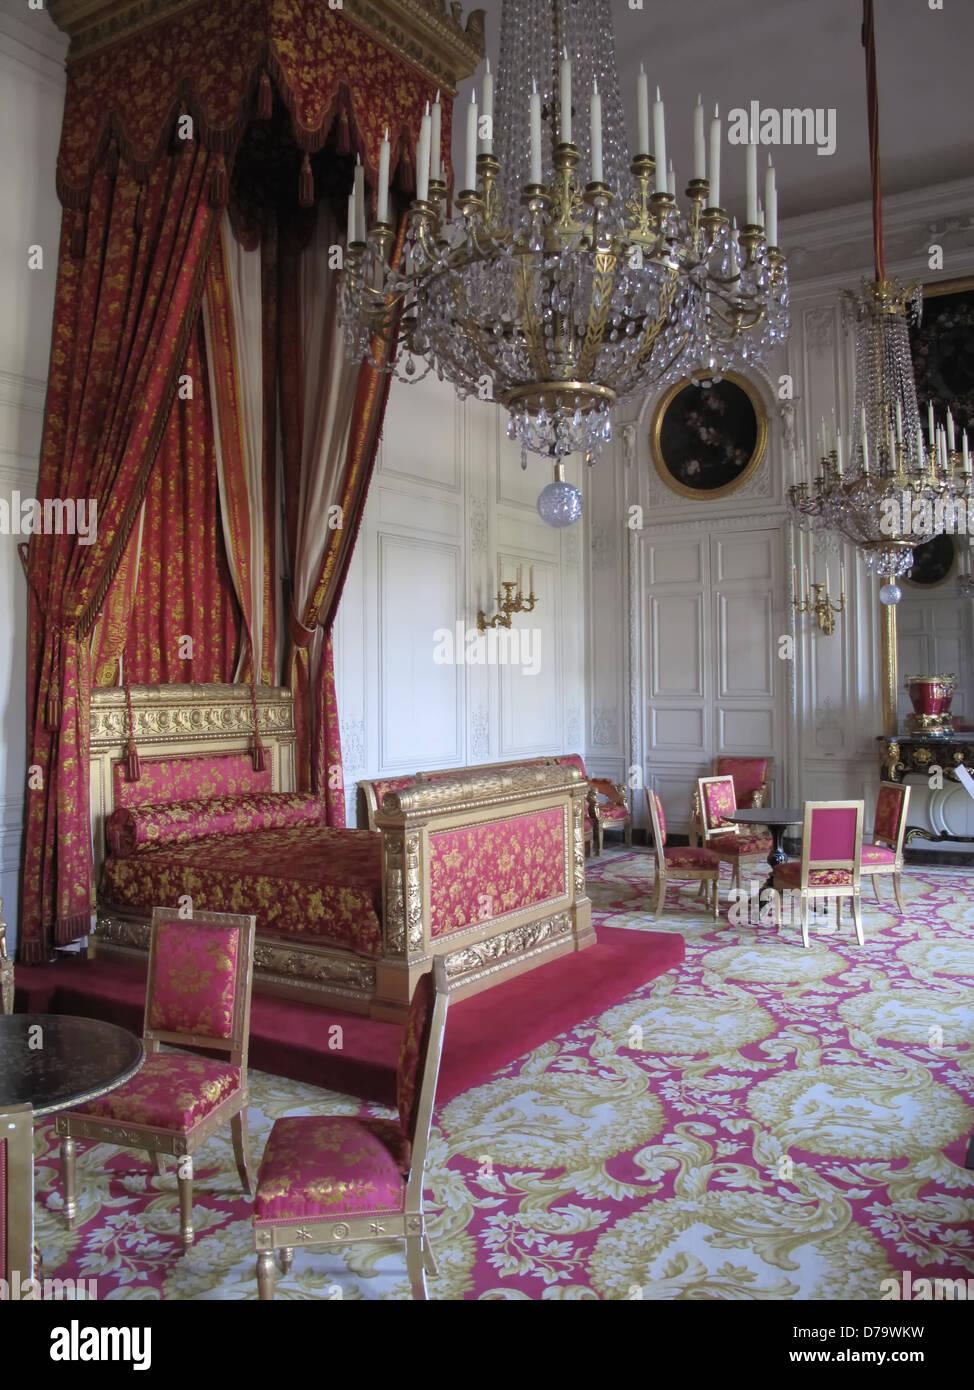 Una Sontuosa Stanza Da Letto All Interno Della Reggia Di Versailles Foto Stock Alamy